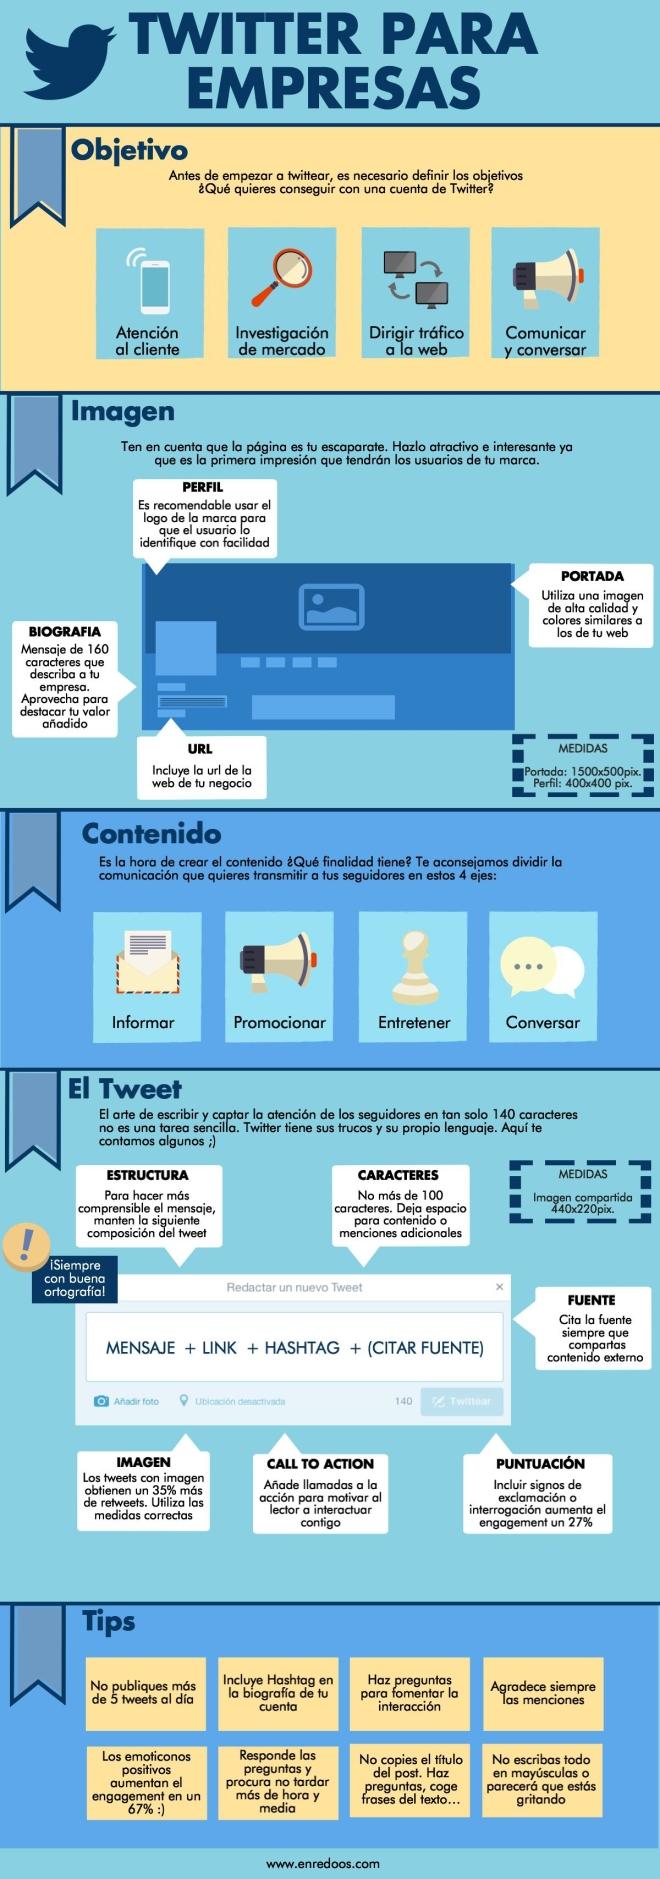 Twitter para empresas